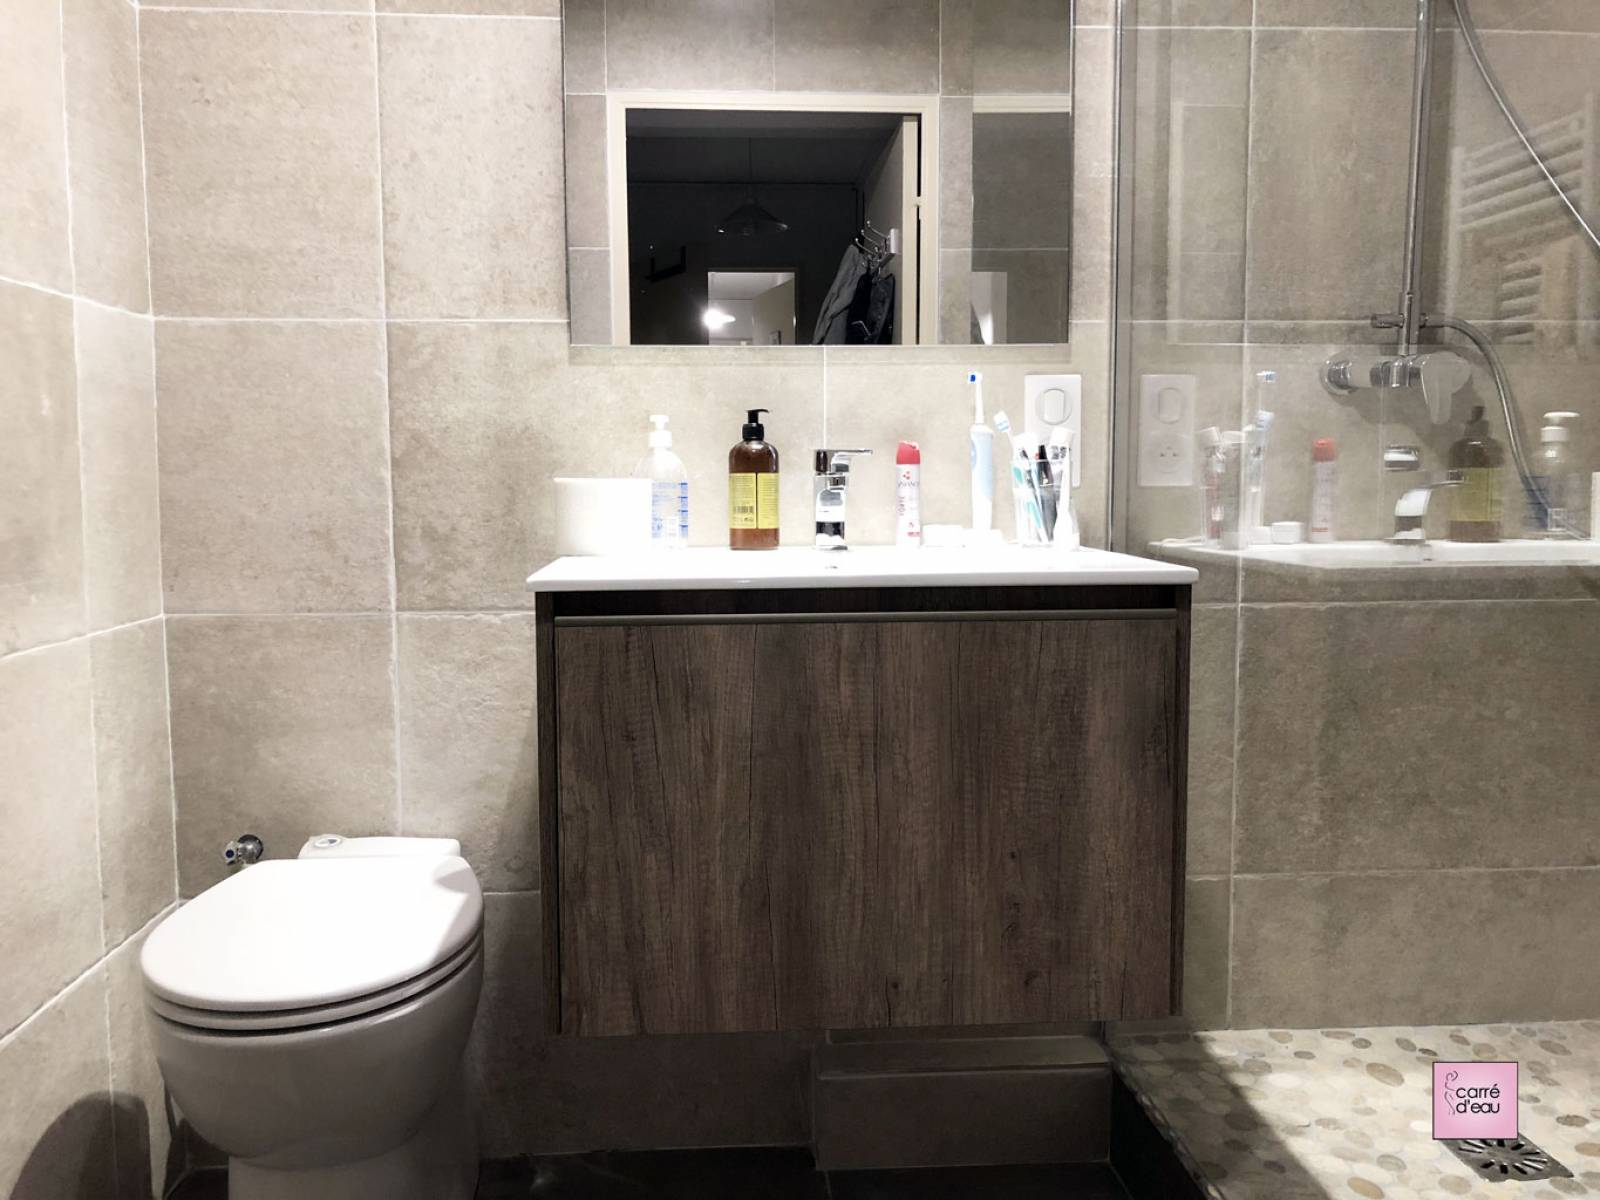 Salle de bain de 4m2 complète et confortable à Montpellier - Carré d\'eau